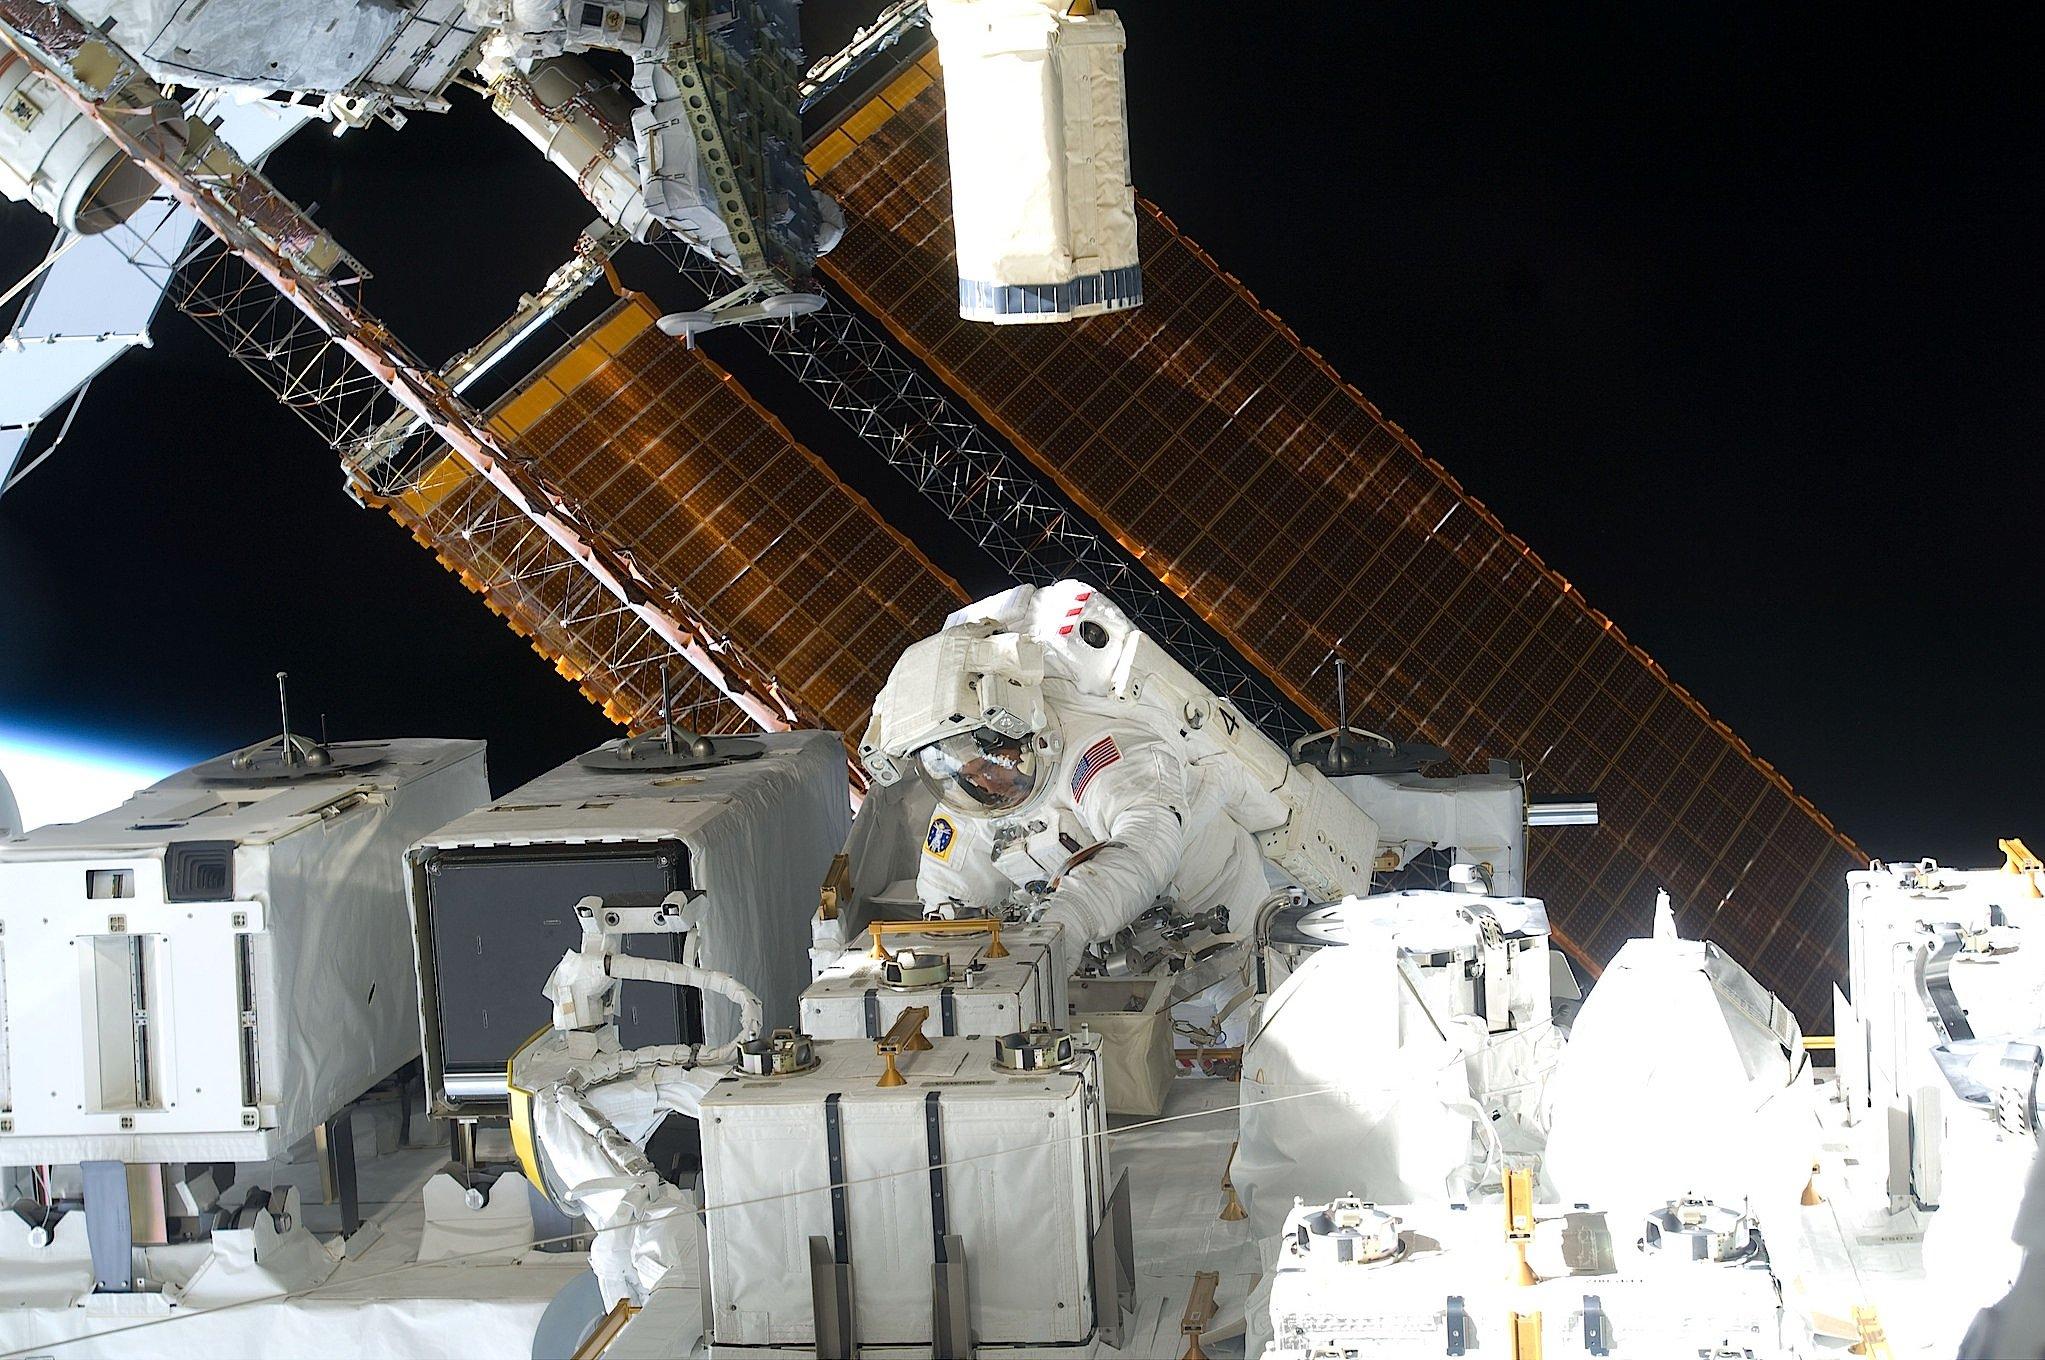 Außeneinsatz vonAstronaut Christopher Cassidy an der ISS am 22. Juli 2009.